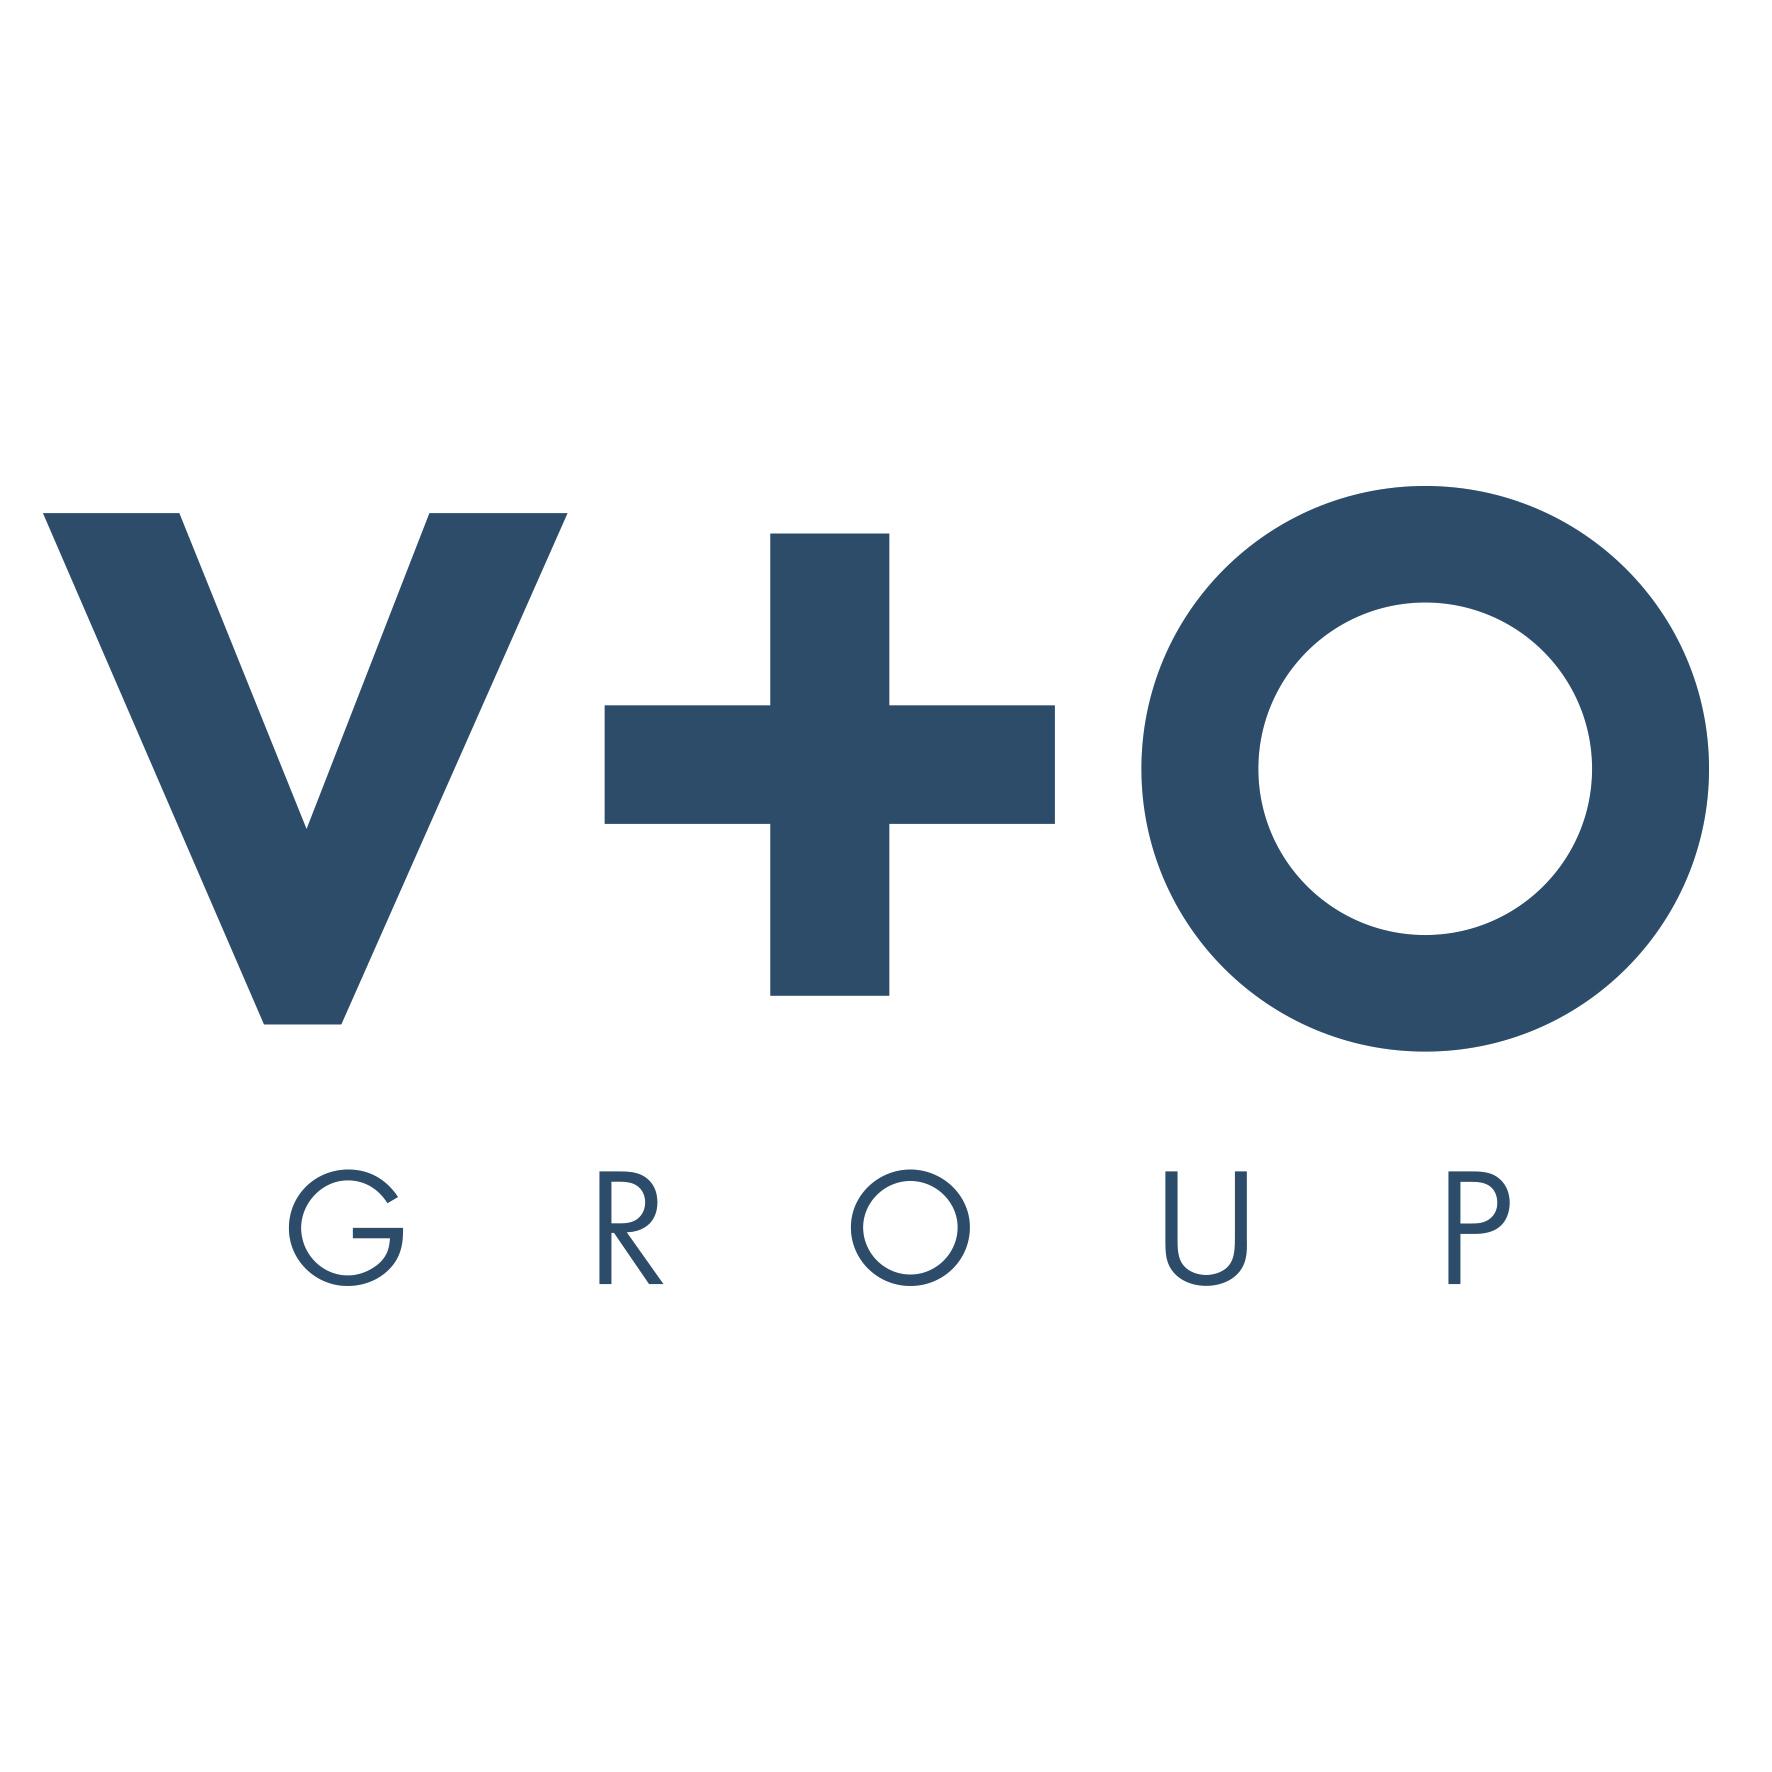 Στη Βόρειο Μακεδονία επεκτείνει την παρουσία του ο όμιλοςV+O